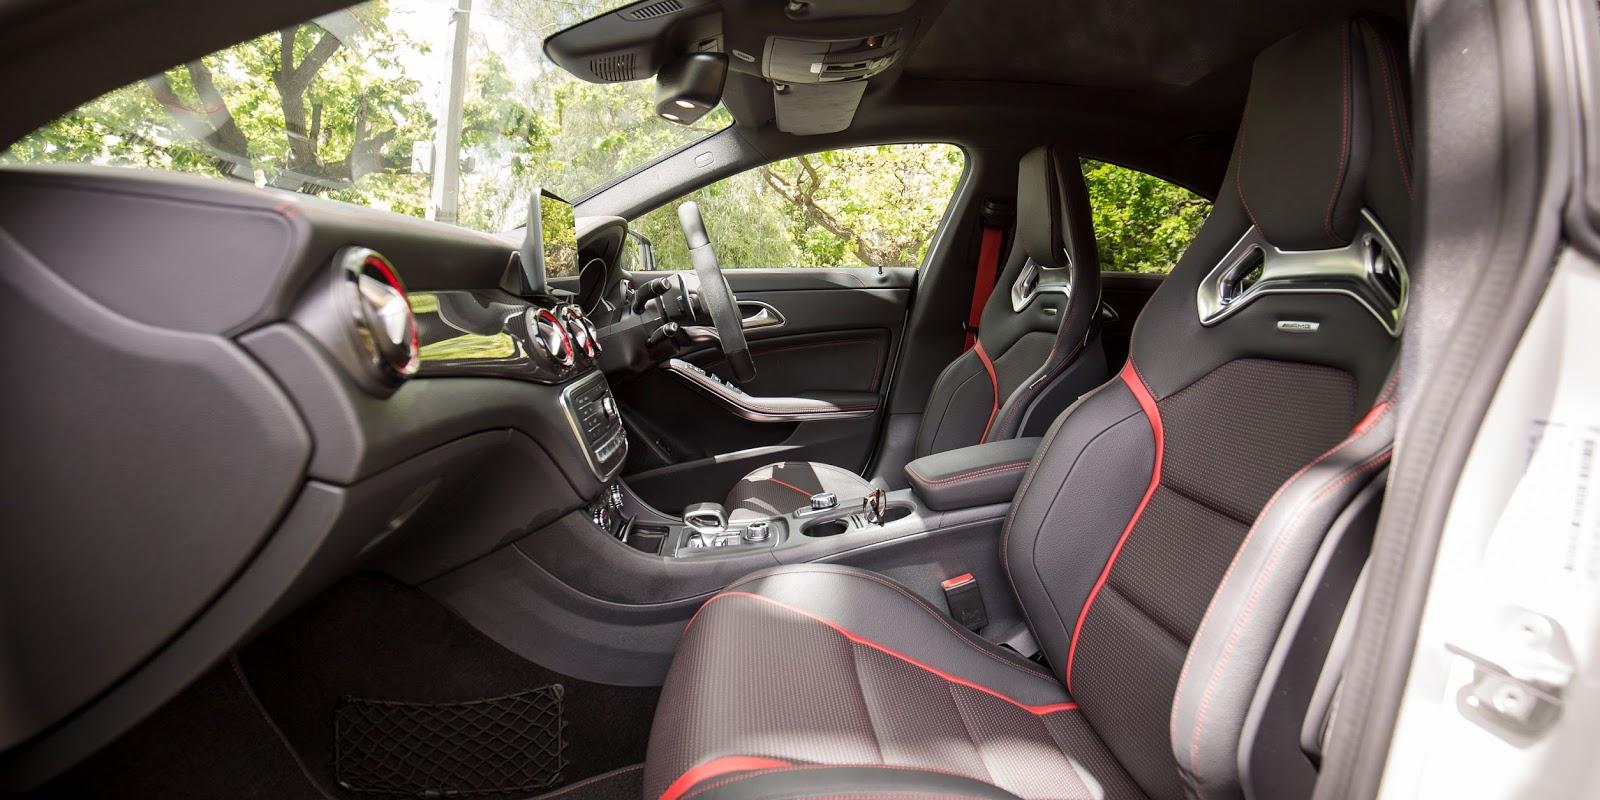 Khoang lái của cực đậm chất AMG, và trông quá thể thao, cá tính